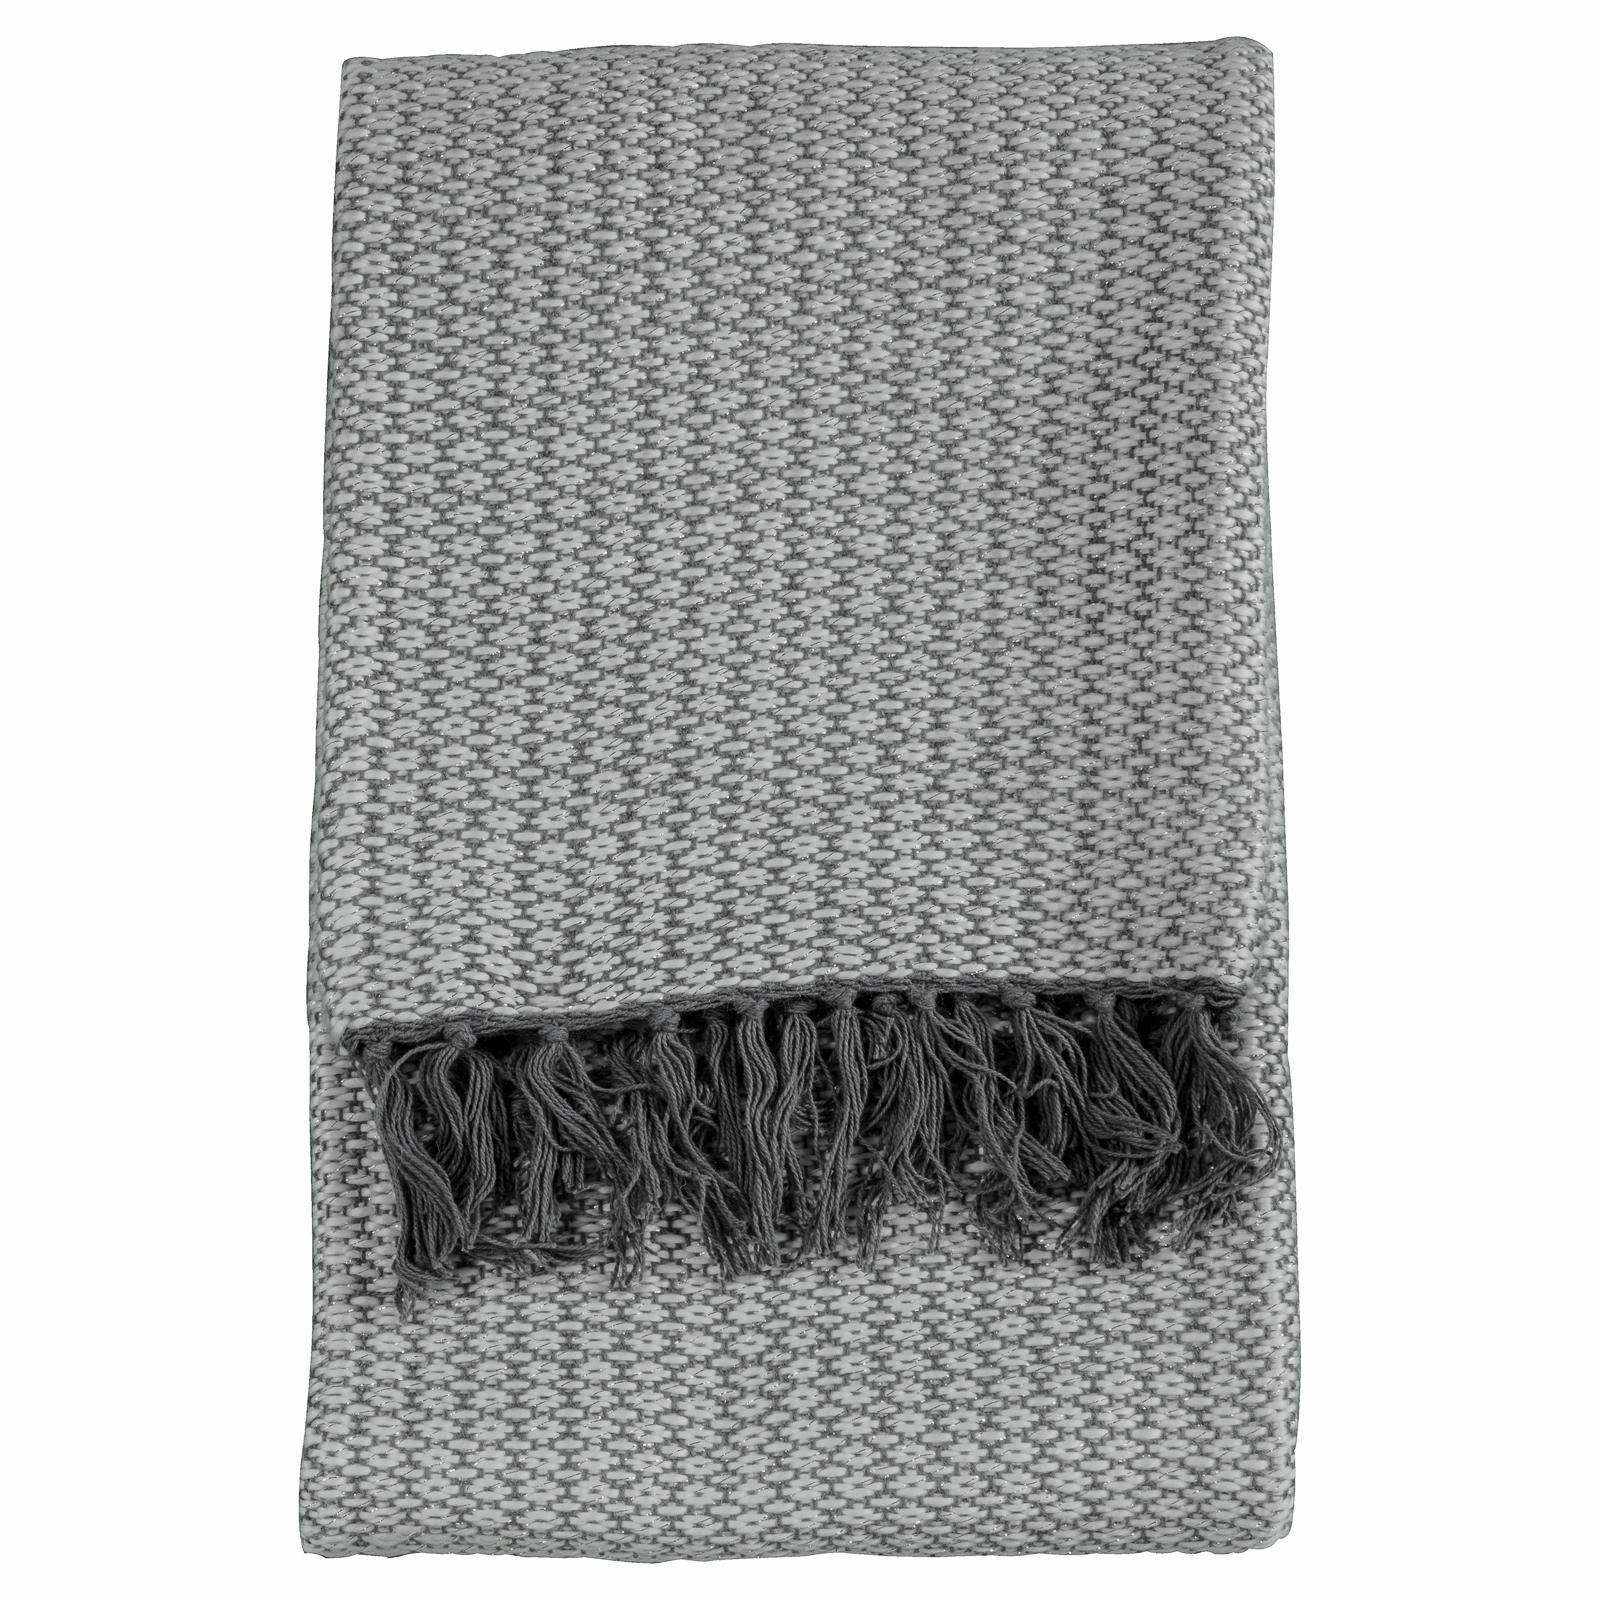 Boutique Ballia Metallic Grey Throw